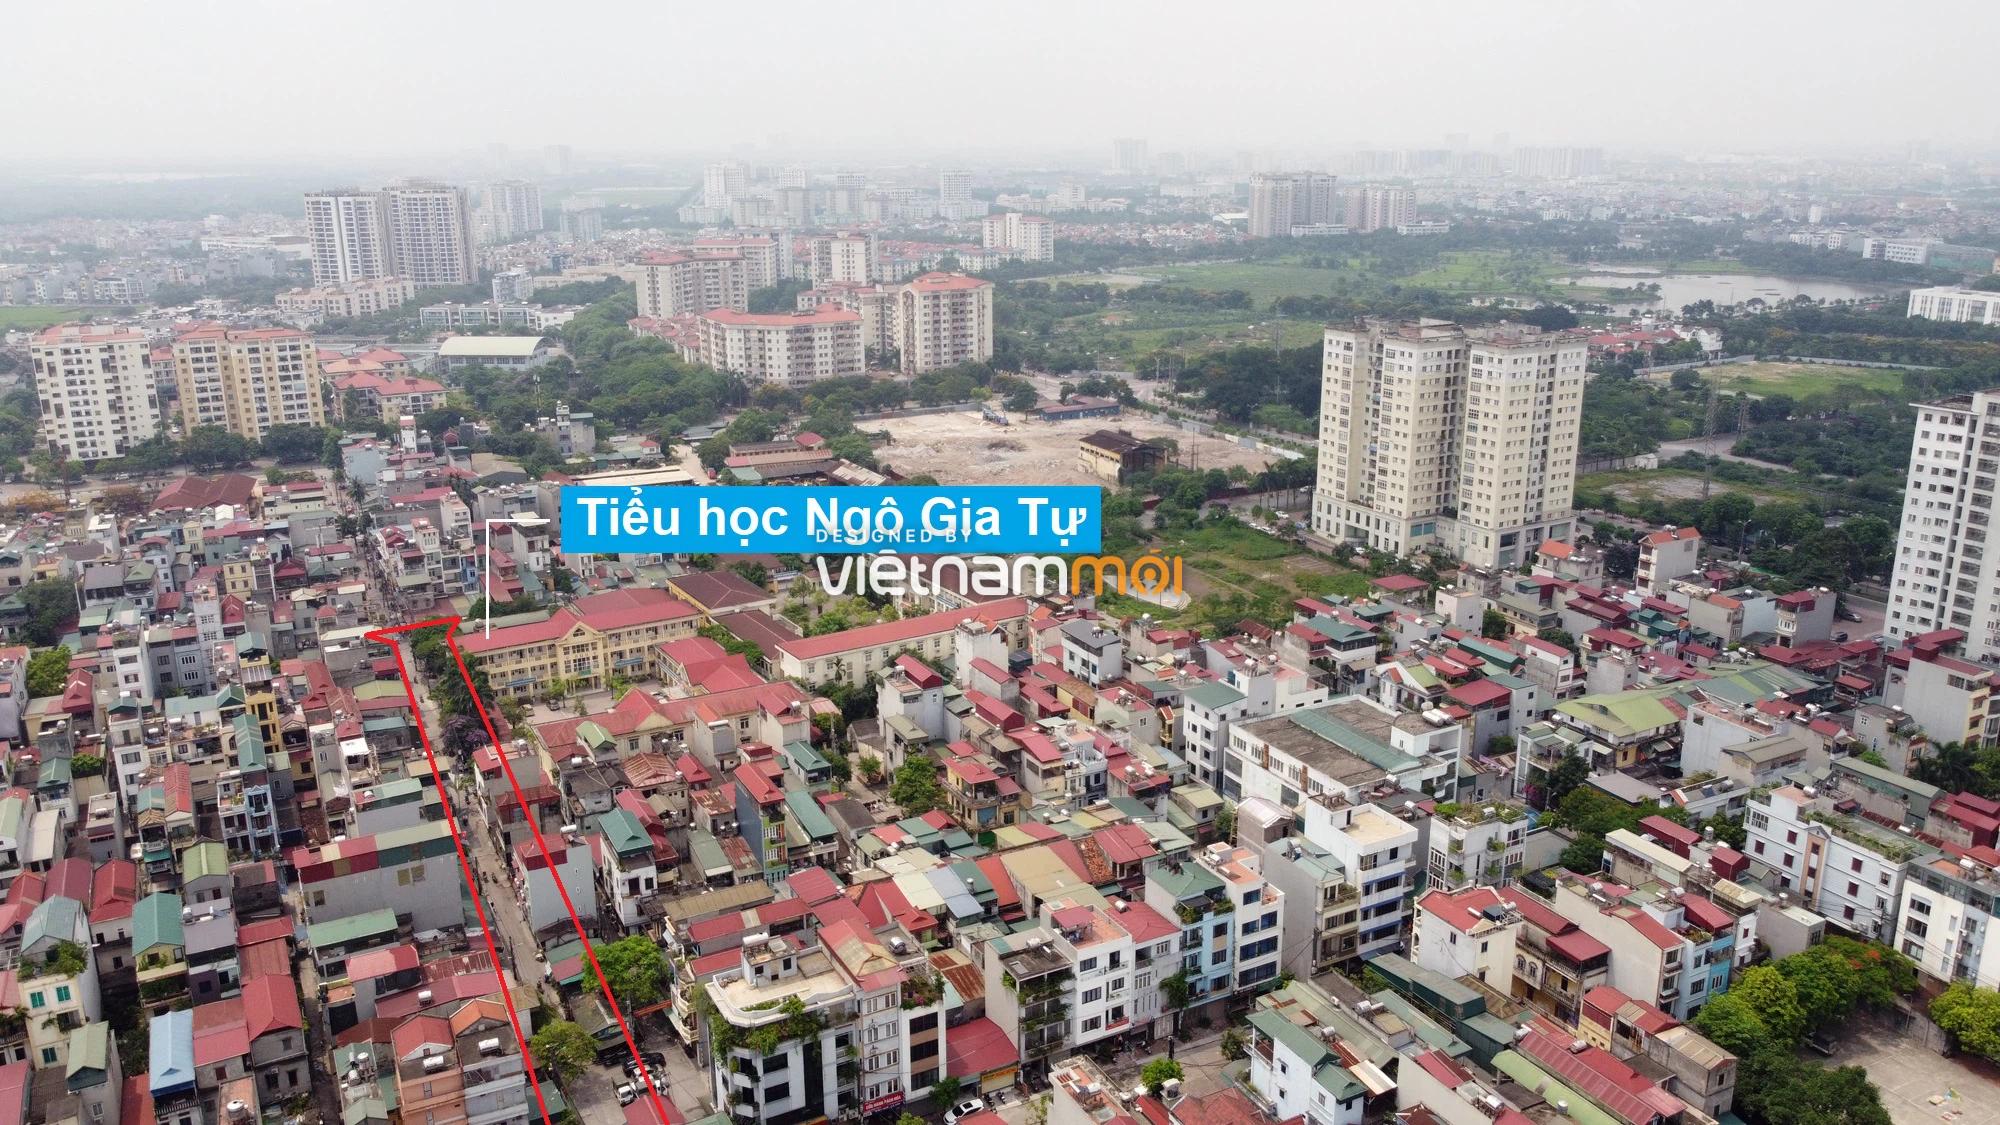 Những khu đất sắp thu hồi để mở đường ở phường Đức Giang, Long Biên, Hà Nội (phần 3) - Ảnh 17.